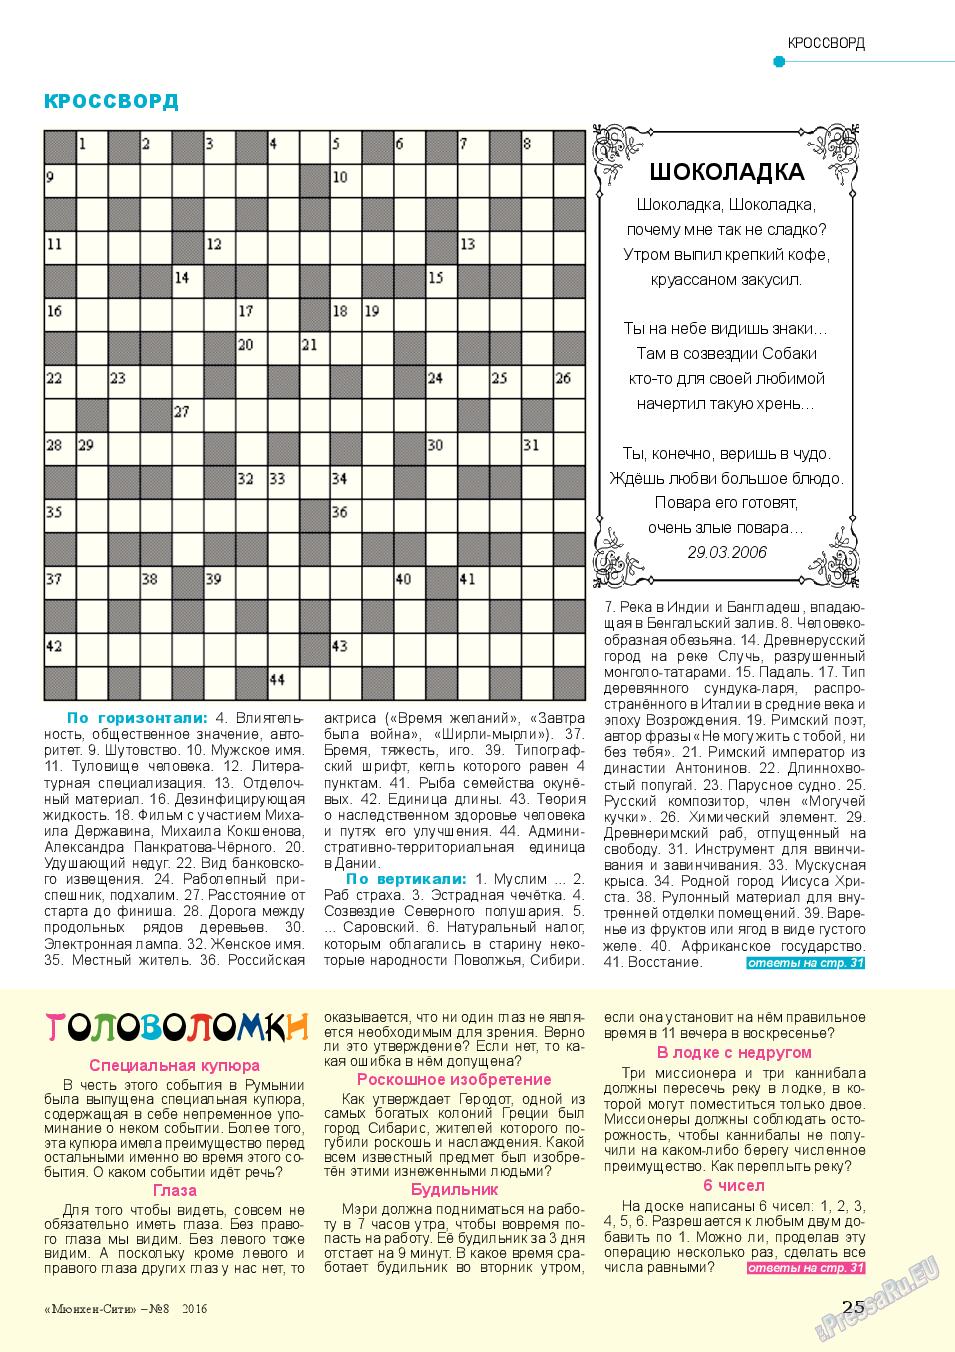 Мюнхен-сити (журнал). 2016 год, номер 8, стр. 25